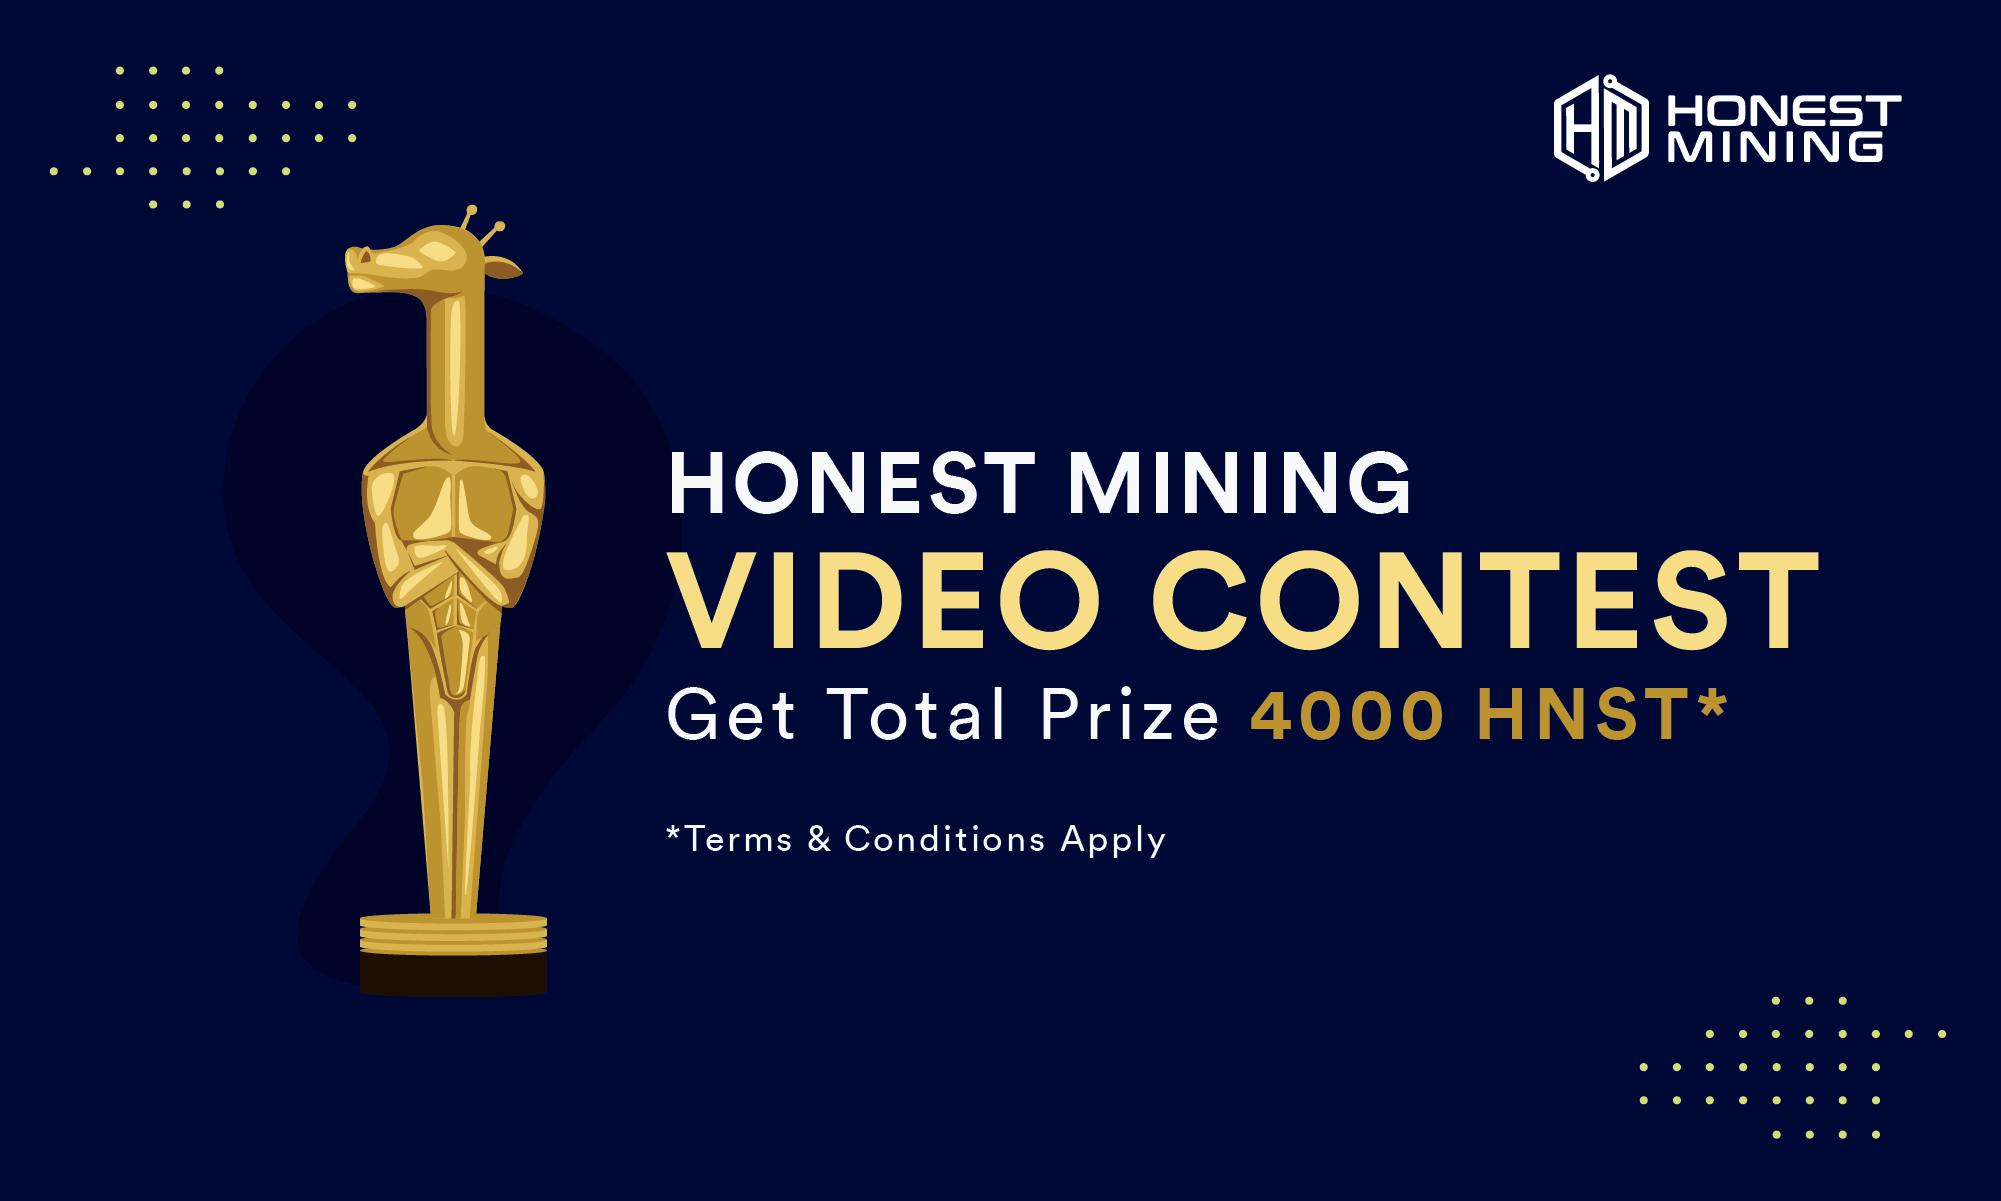 Honest Mining Video Contest